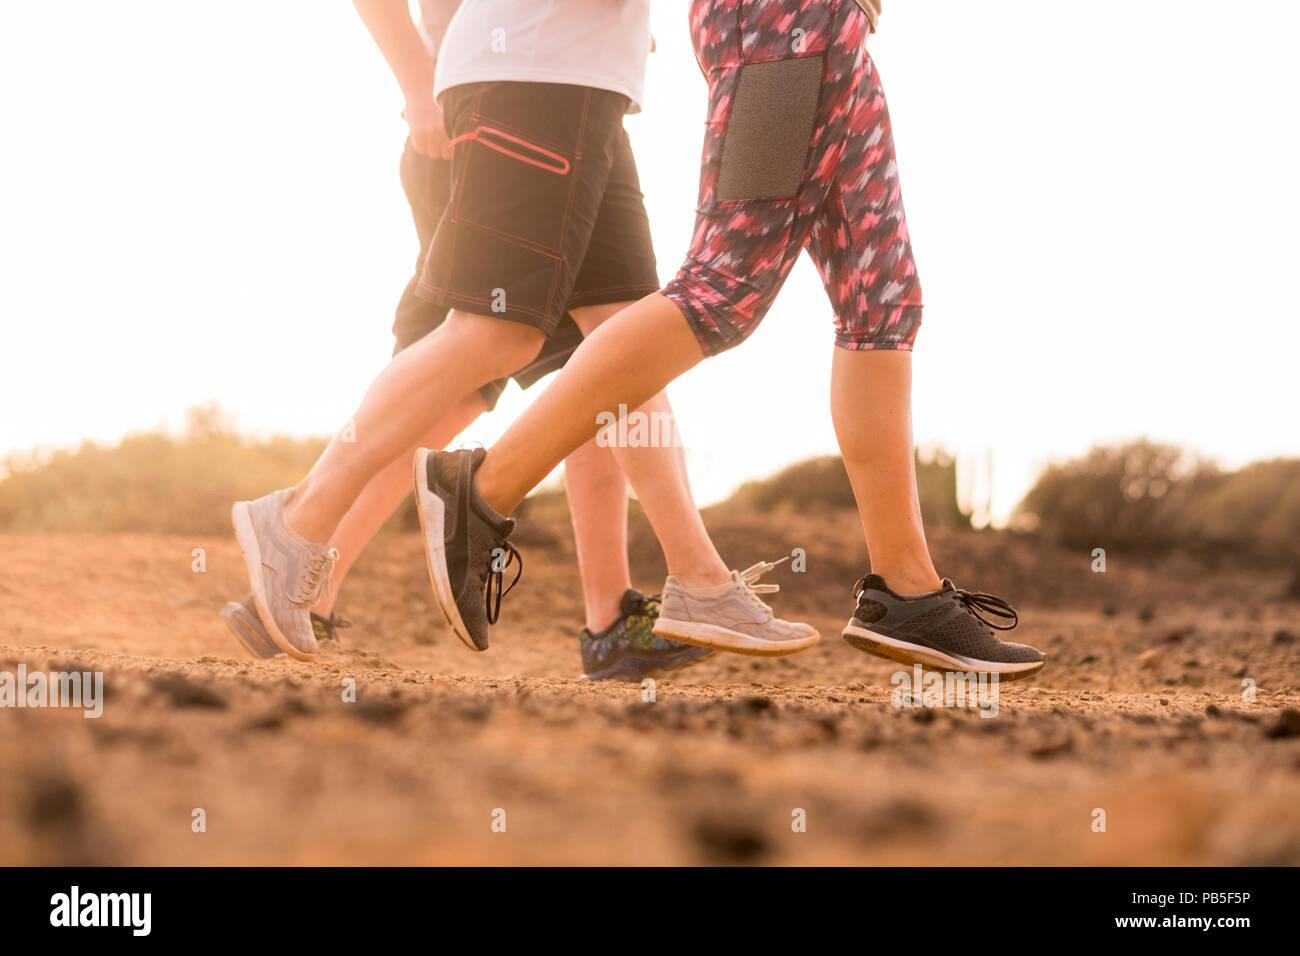 Grupo de tres corredores caucásicos haciendo footing en el desierto suelo exterior de la actividad de la naturaleza. deporte y estilo de vida saludable para las personas de sol del verano. Imagen De Stock